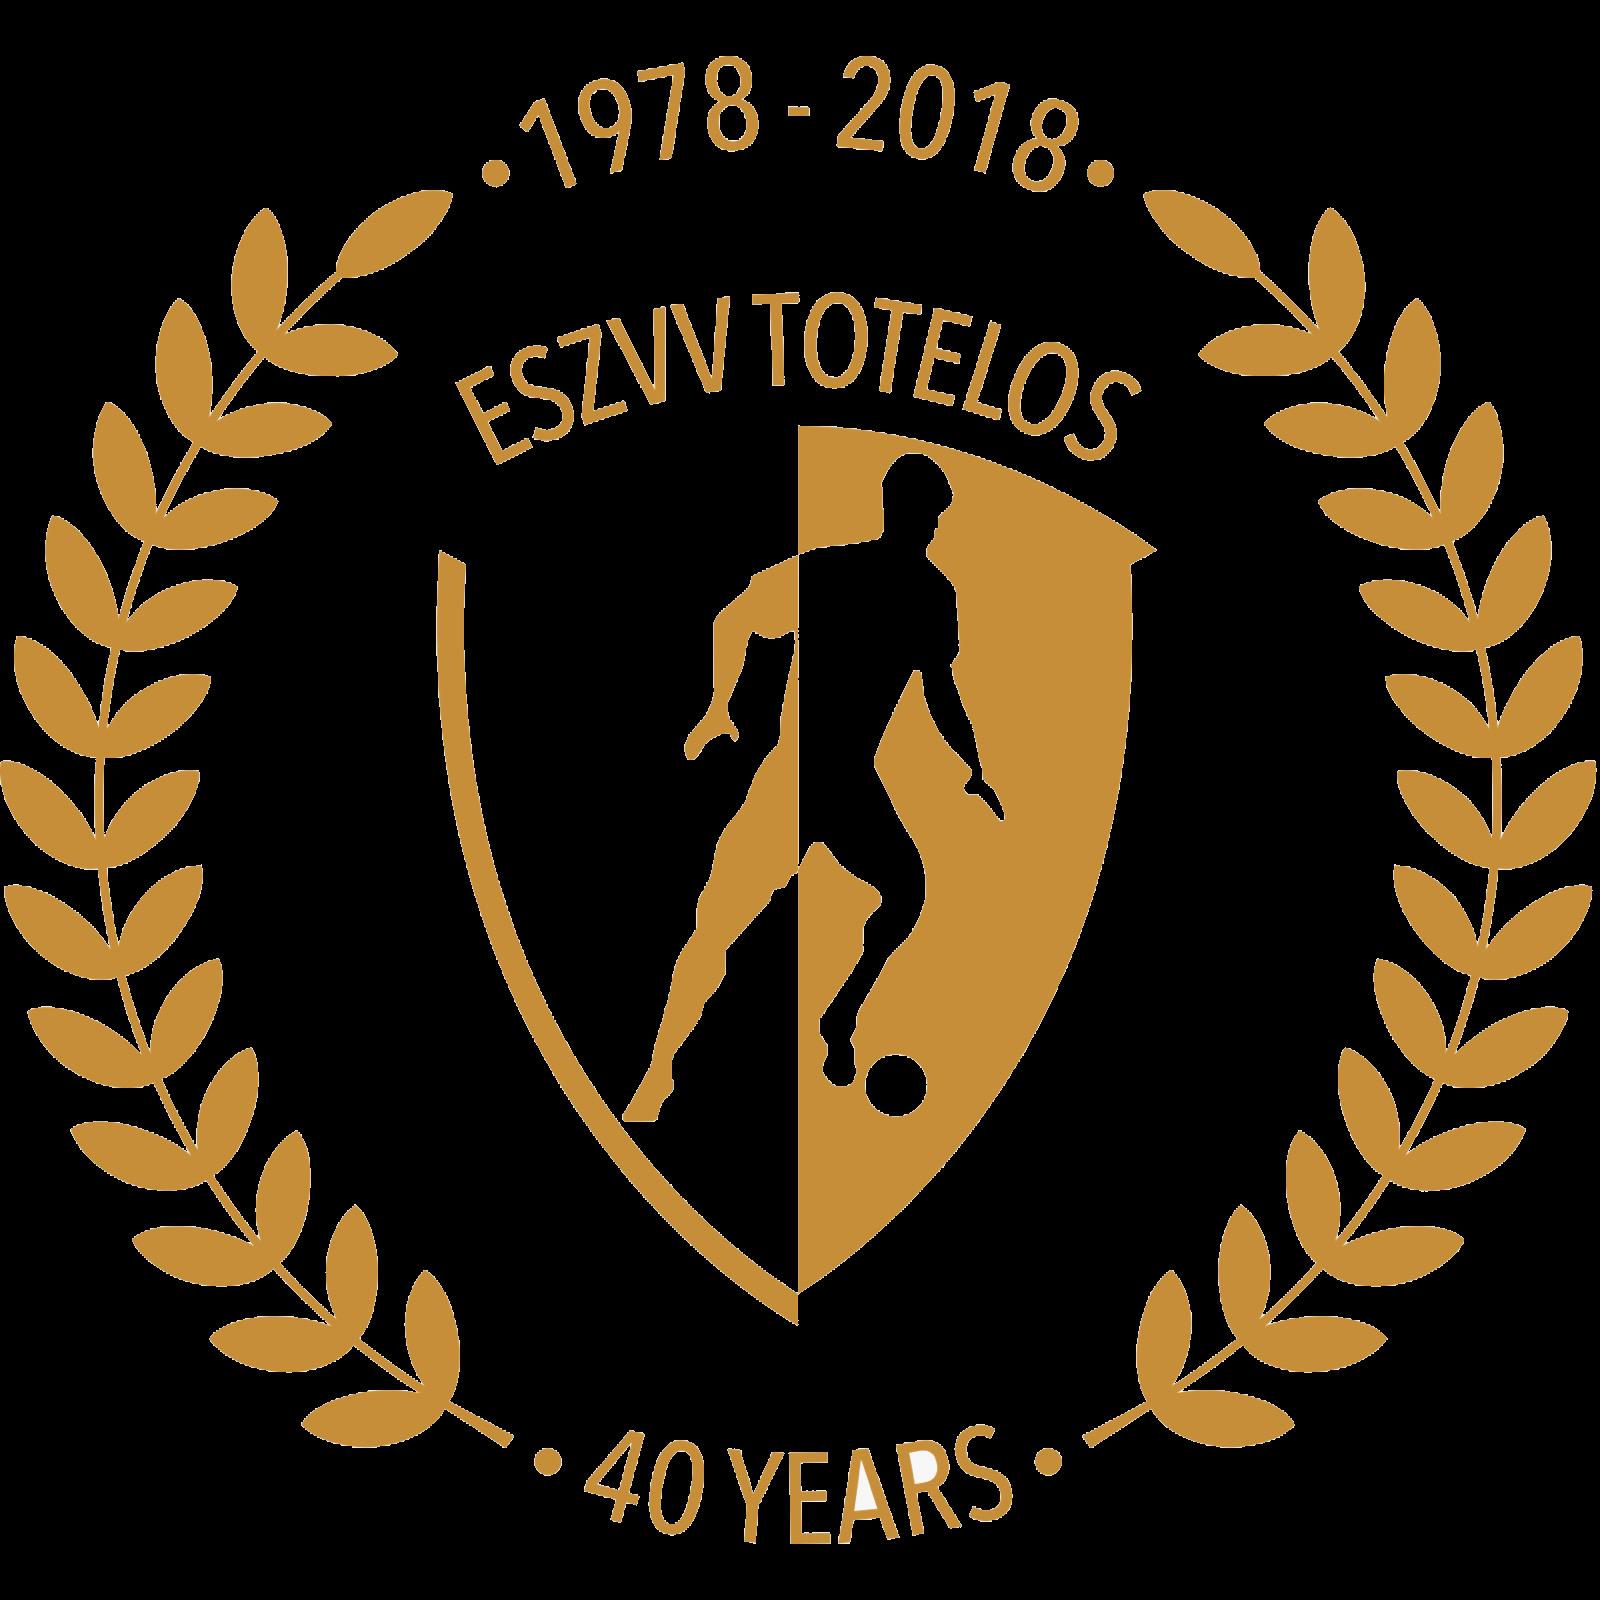 E.S.Z.V.V. TOTELOS